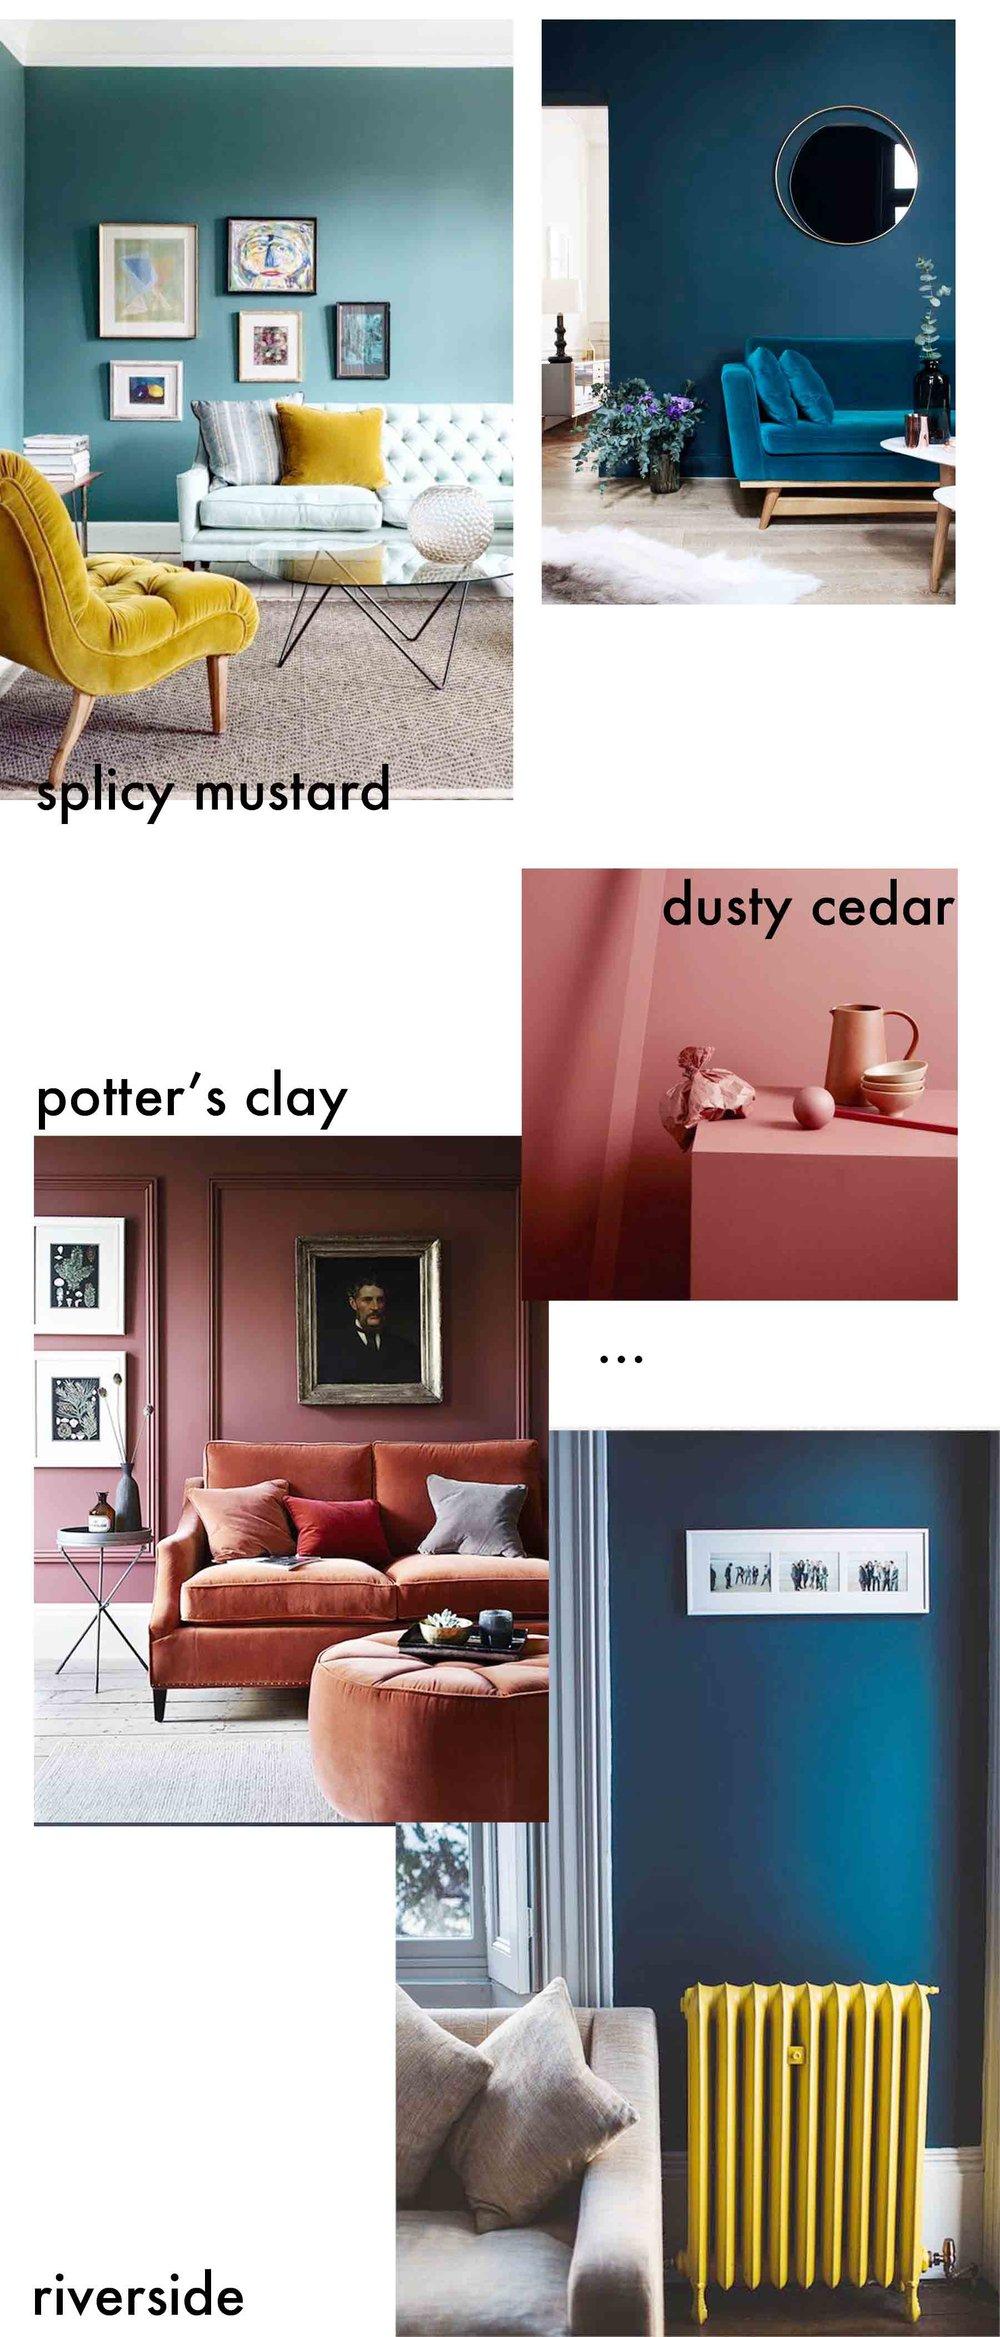 inCollective Sydney Interior Designer